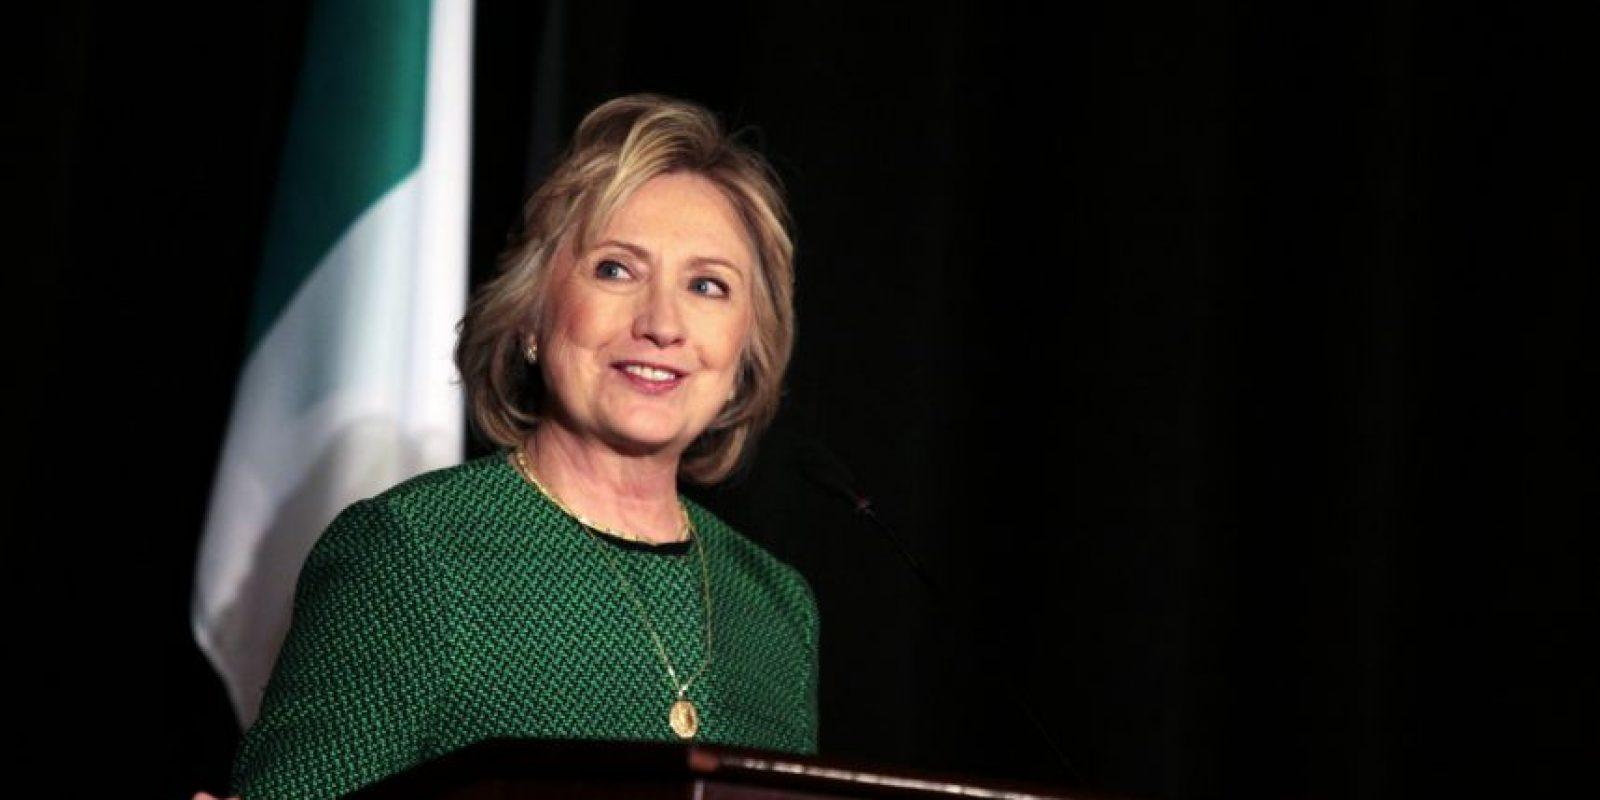 Su máxima aspiración: ser la primera mujer presidenta de Estados Unidos Foto:Getty Images